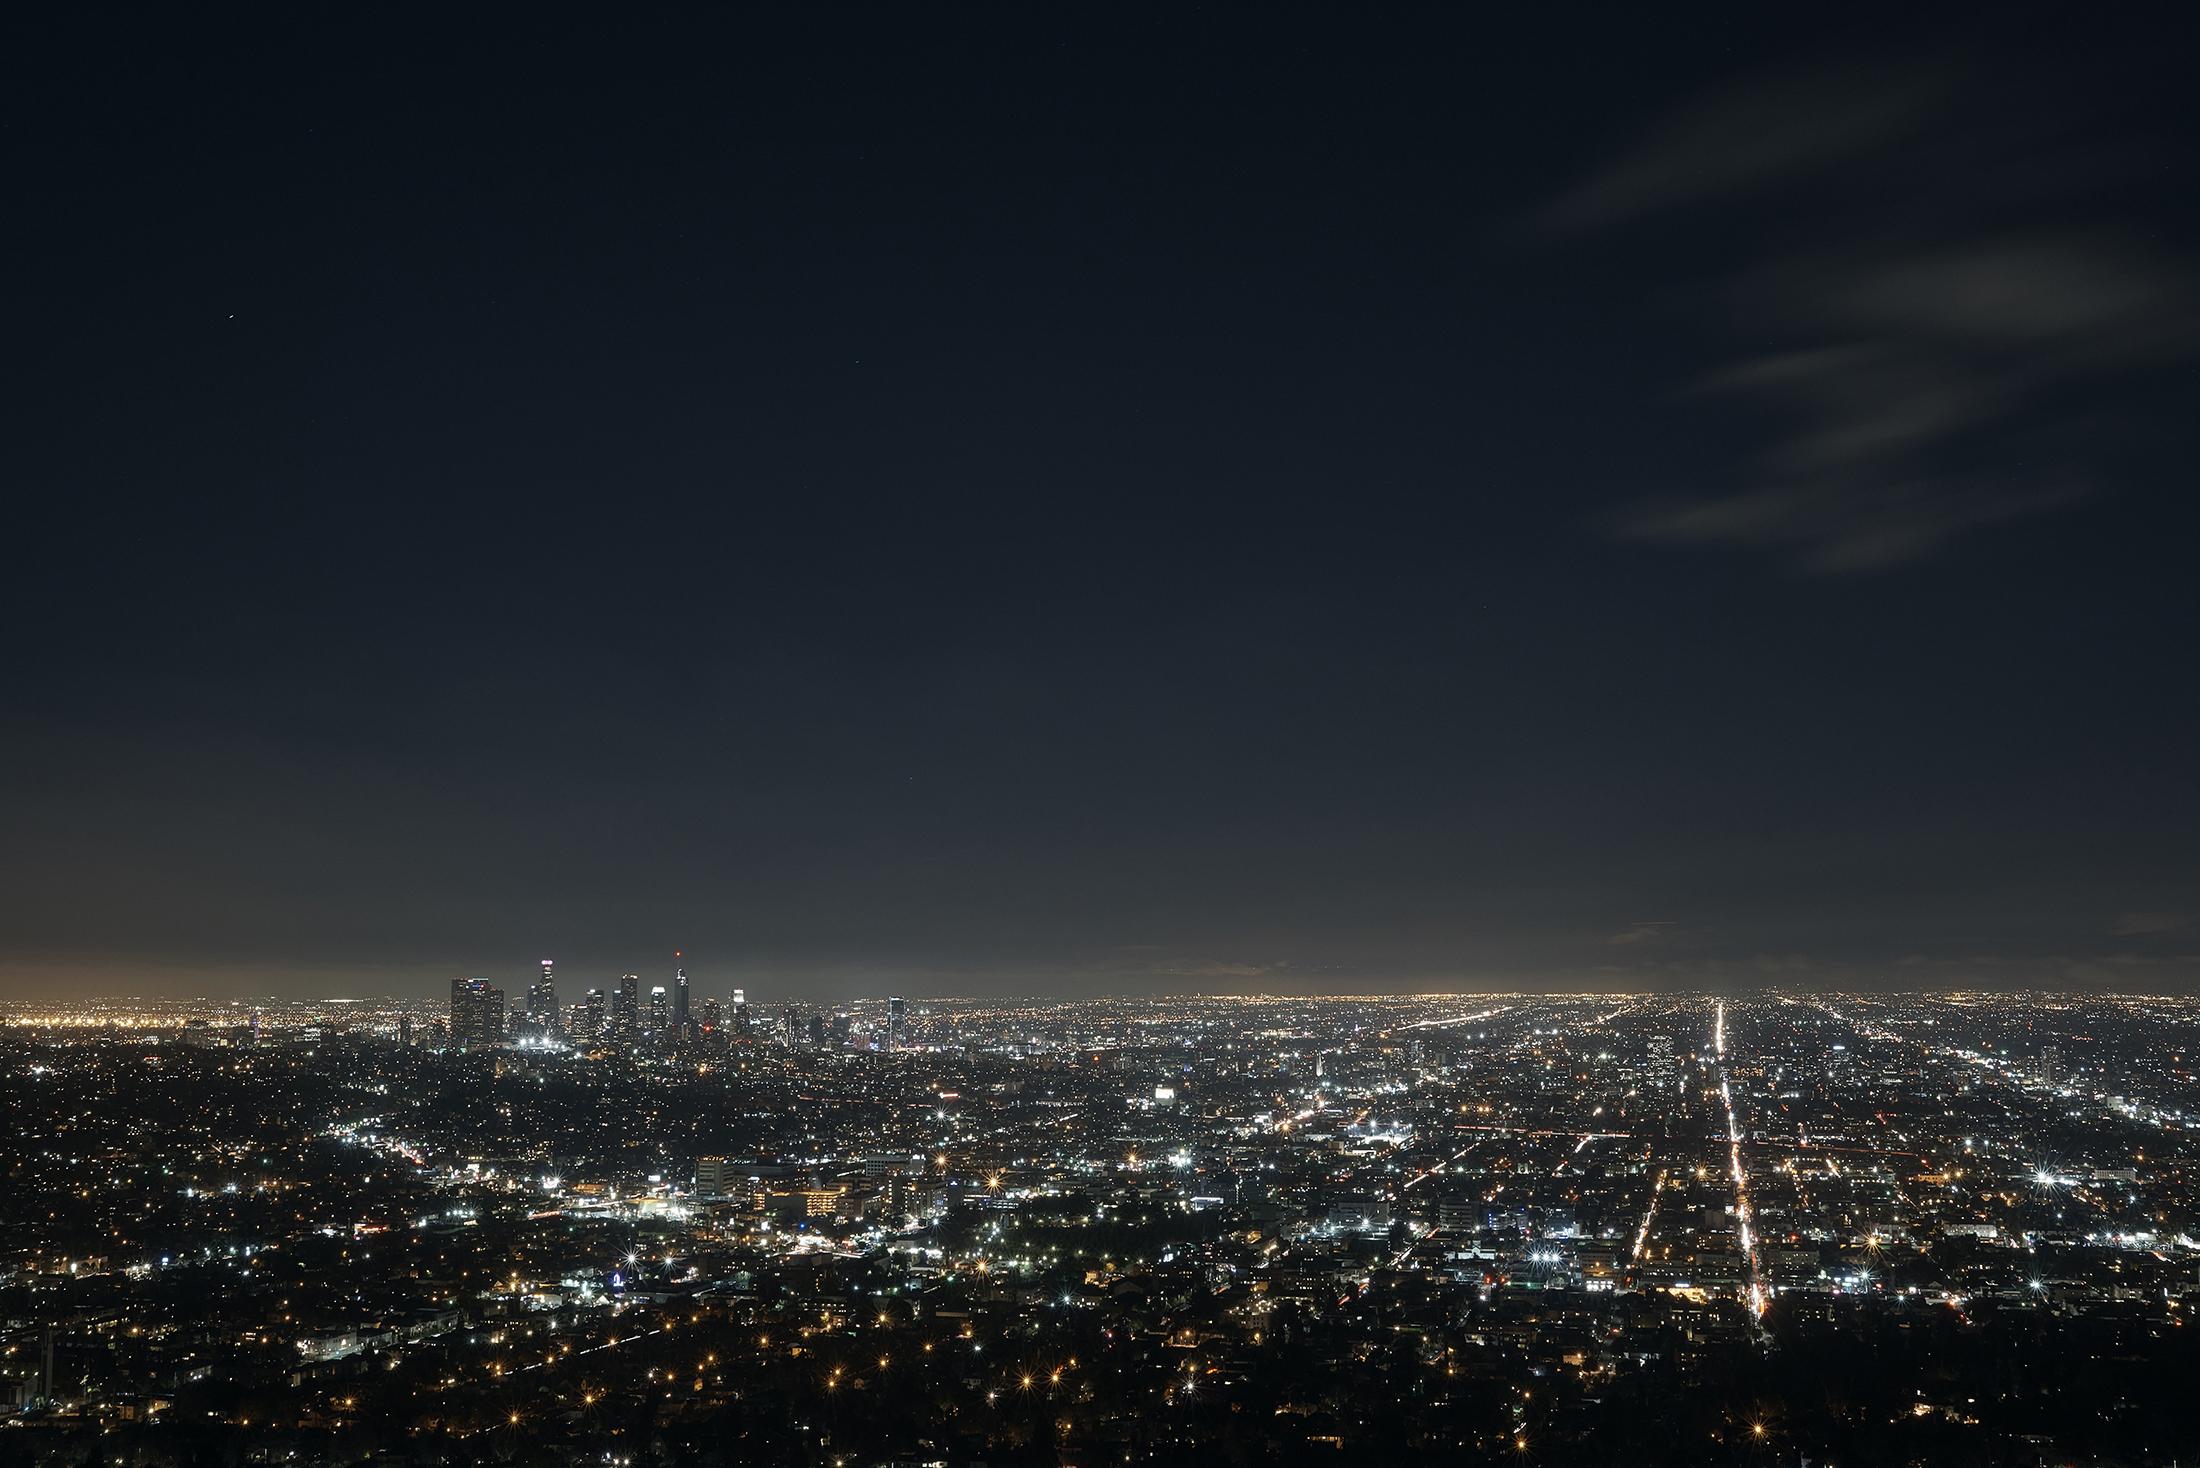 - California